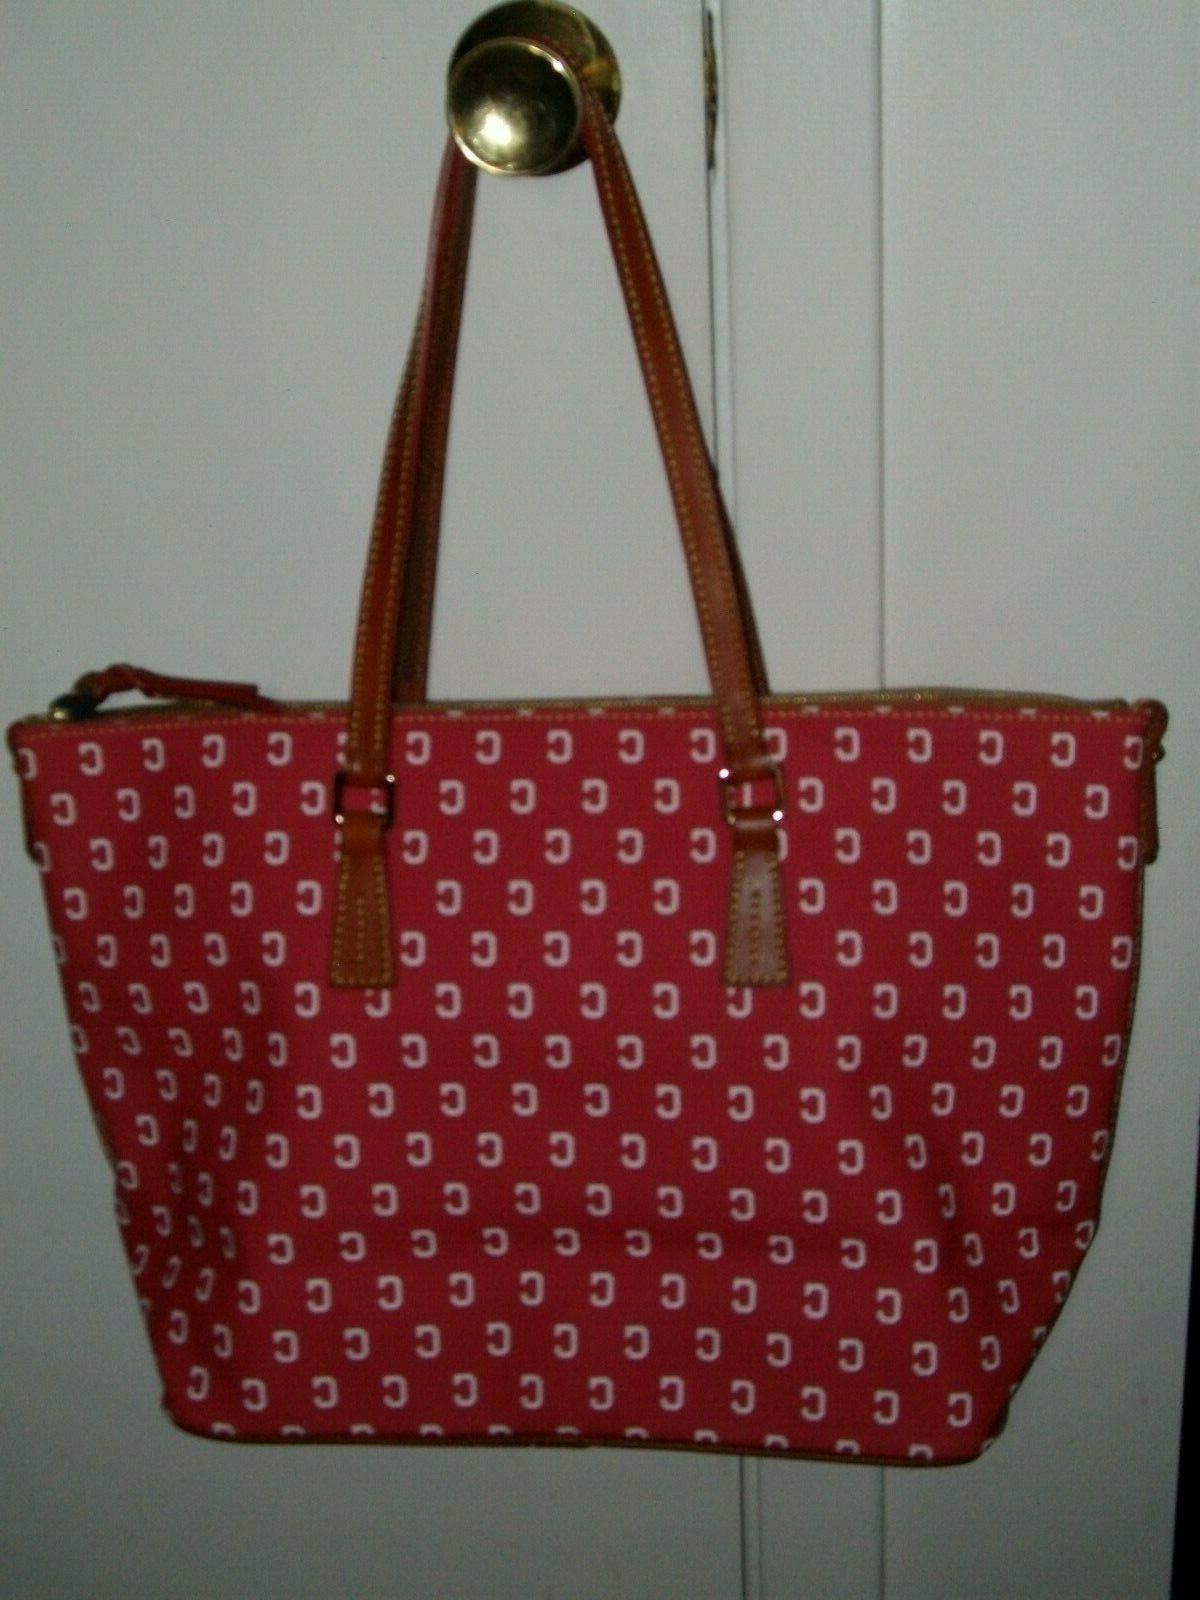 MLB Top Shopper Bag